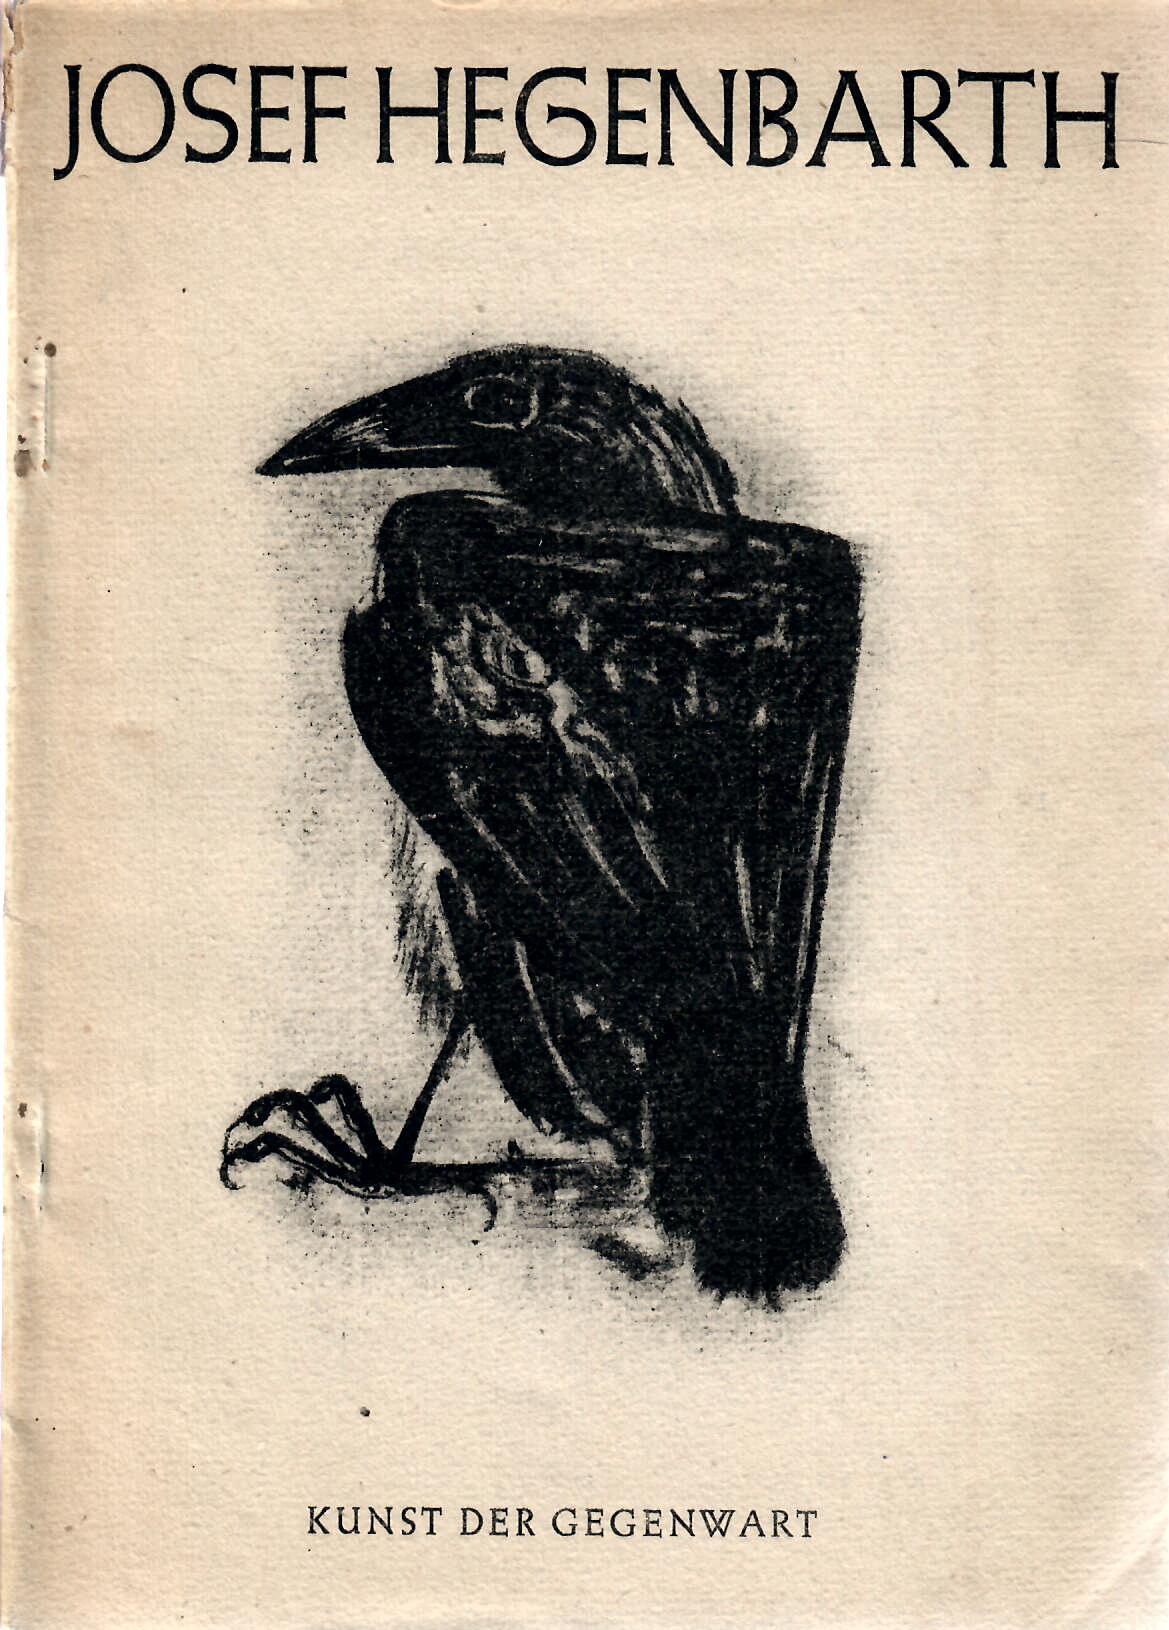 Josef Hegenbarth. 58 Bilder und Zeichnungen mit einem Text von Will Grohmann. Kunst der Gegenwart.